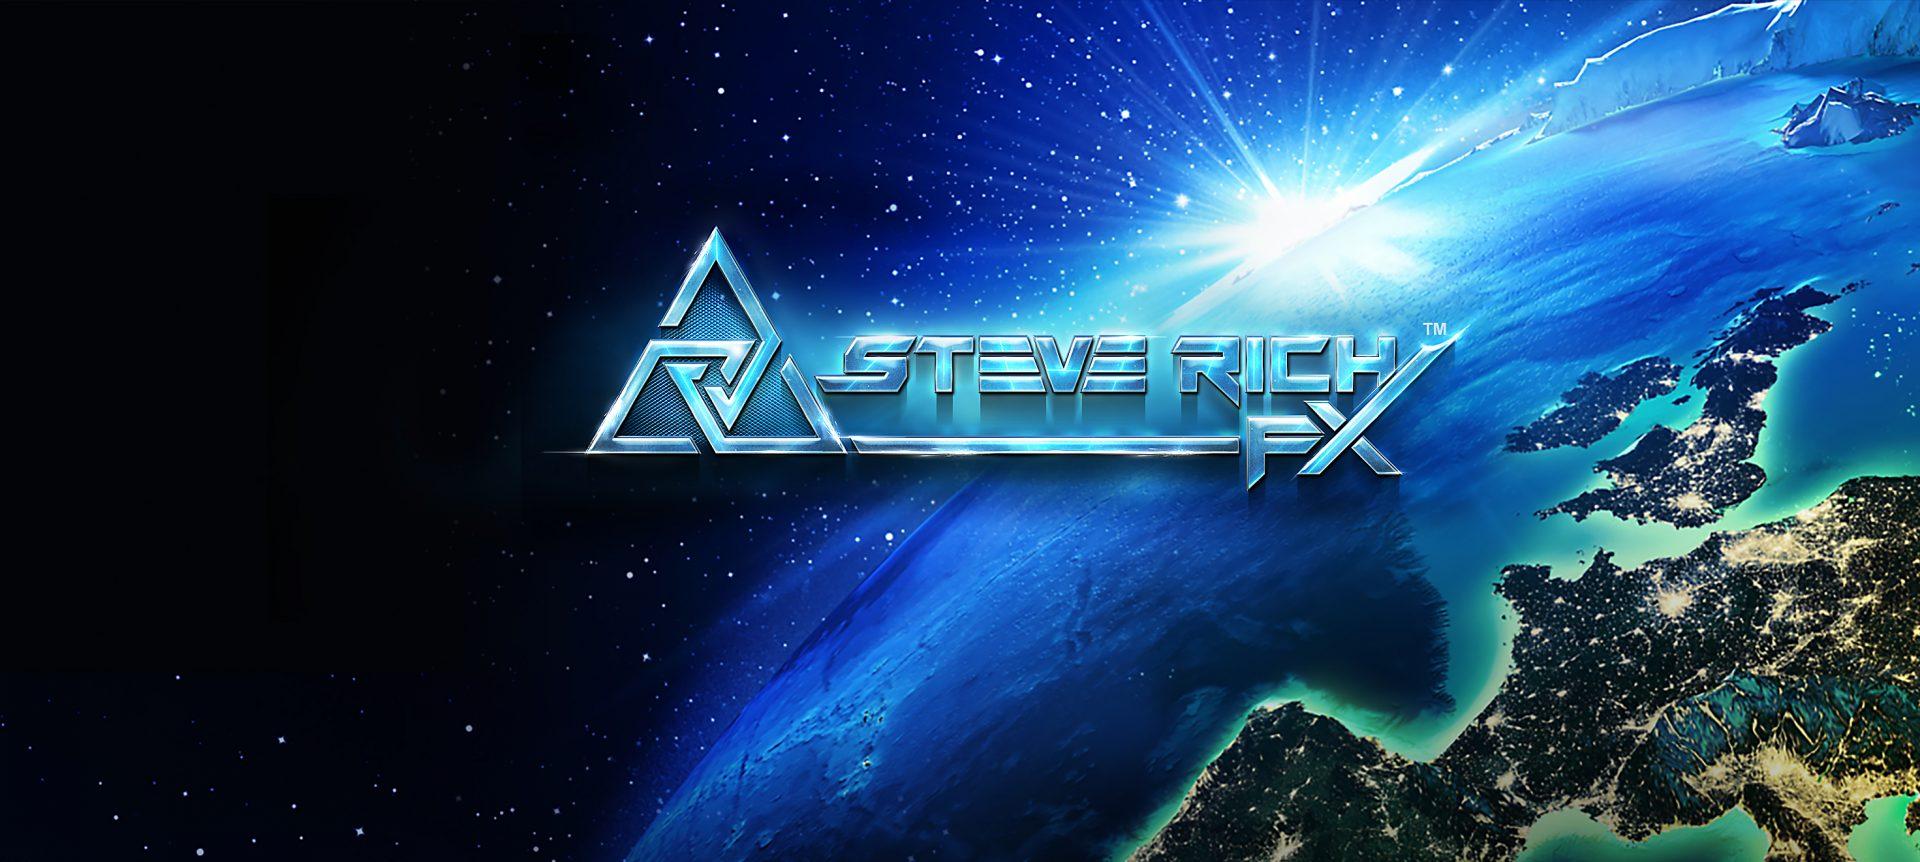 Steve Rich FX™